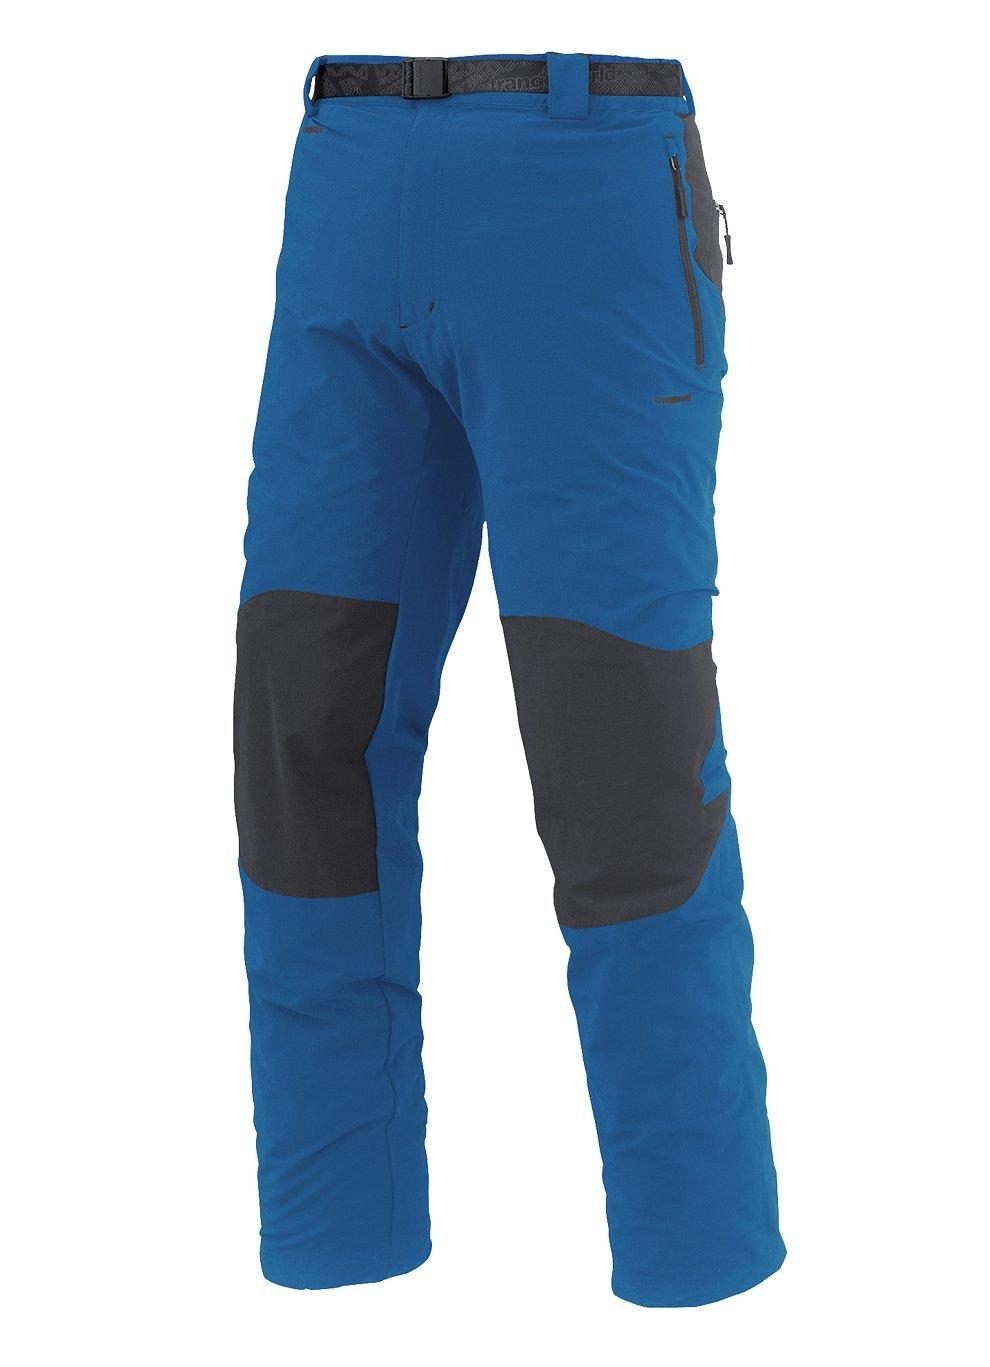 Bleu foncé Trangoworld Hoan Pantalons Longs M